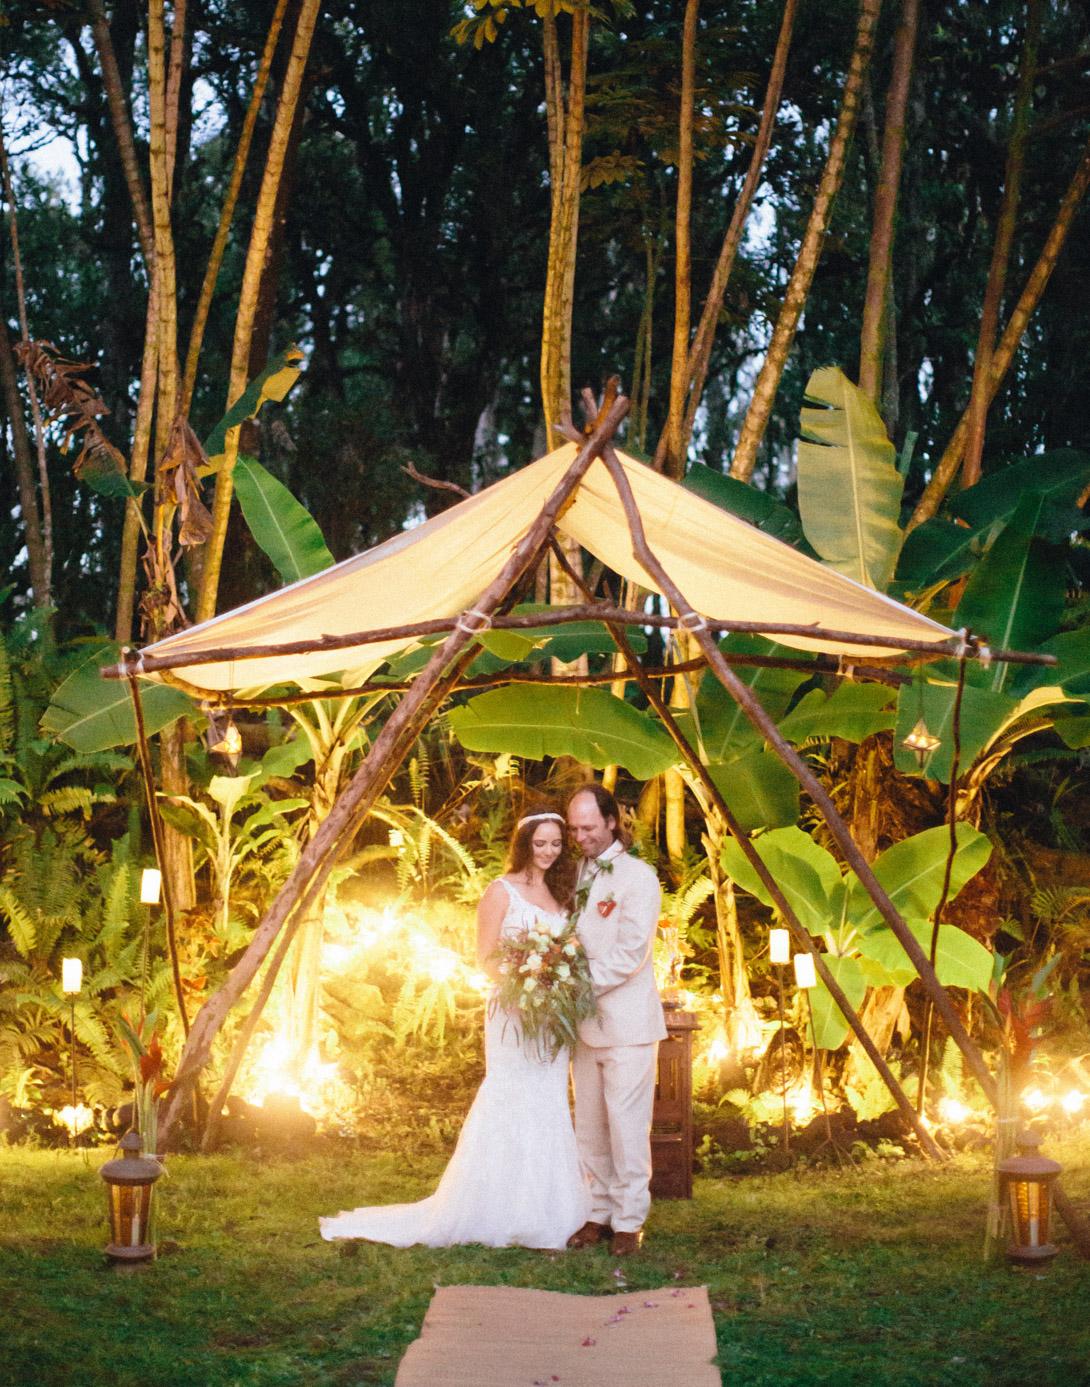 pahoa-wedding-big-island-hawaii-18